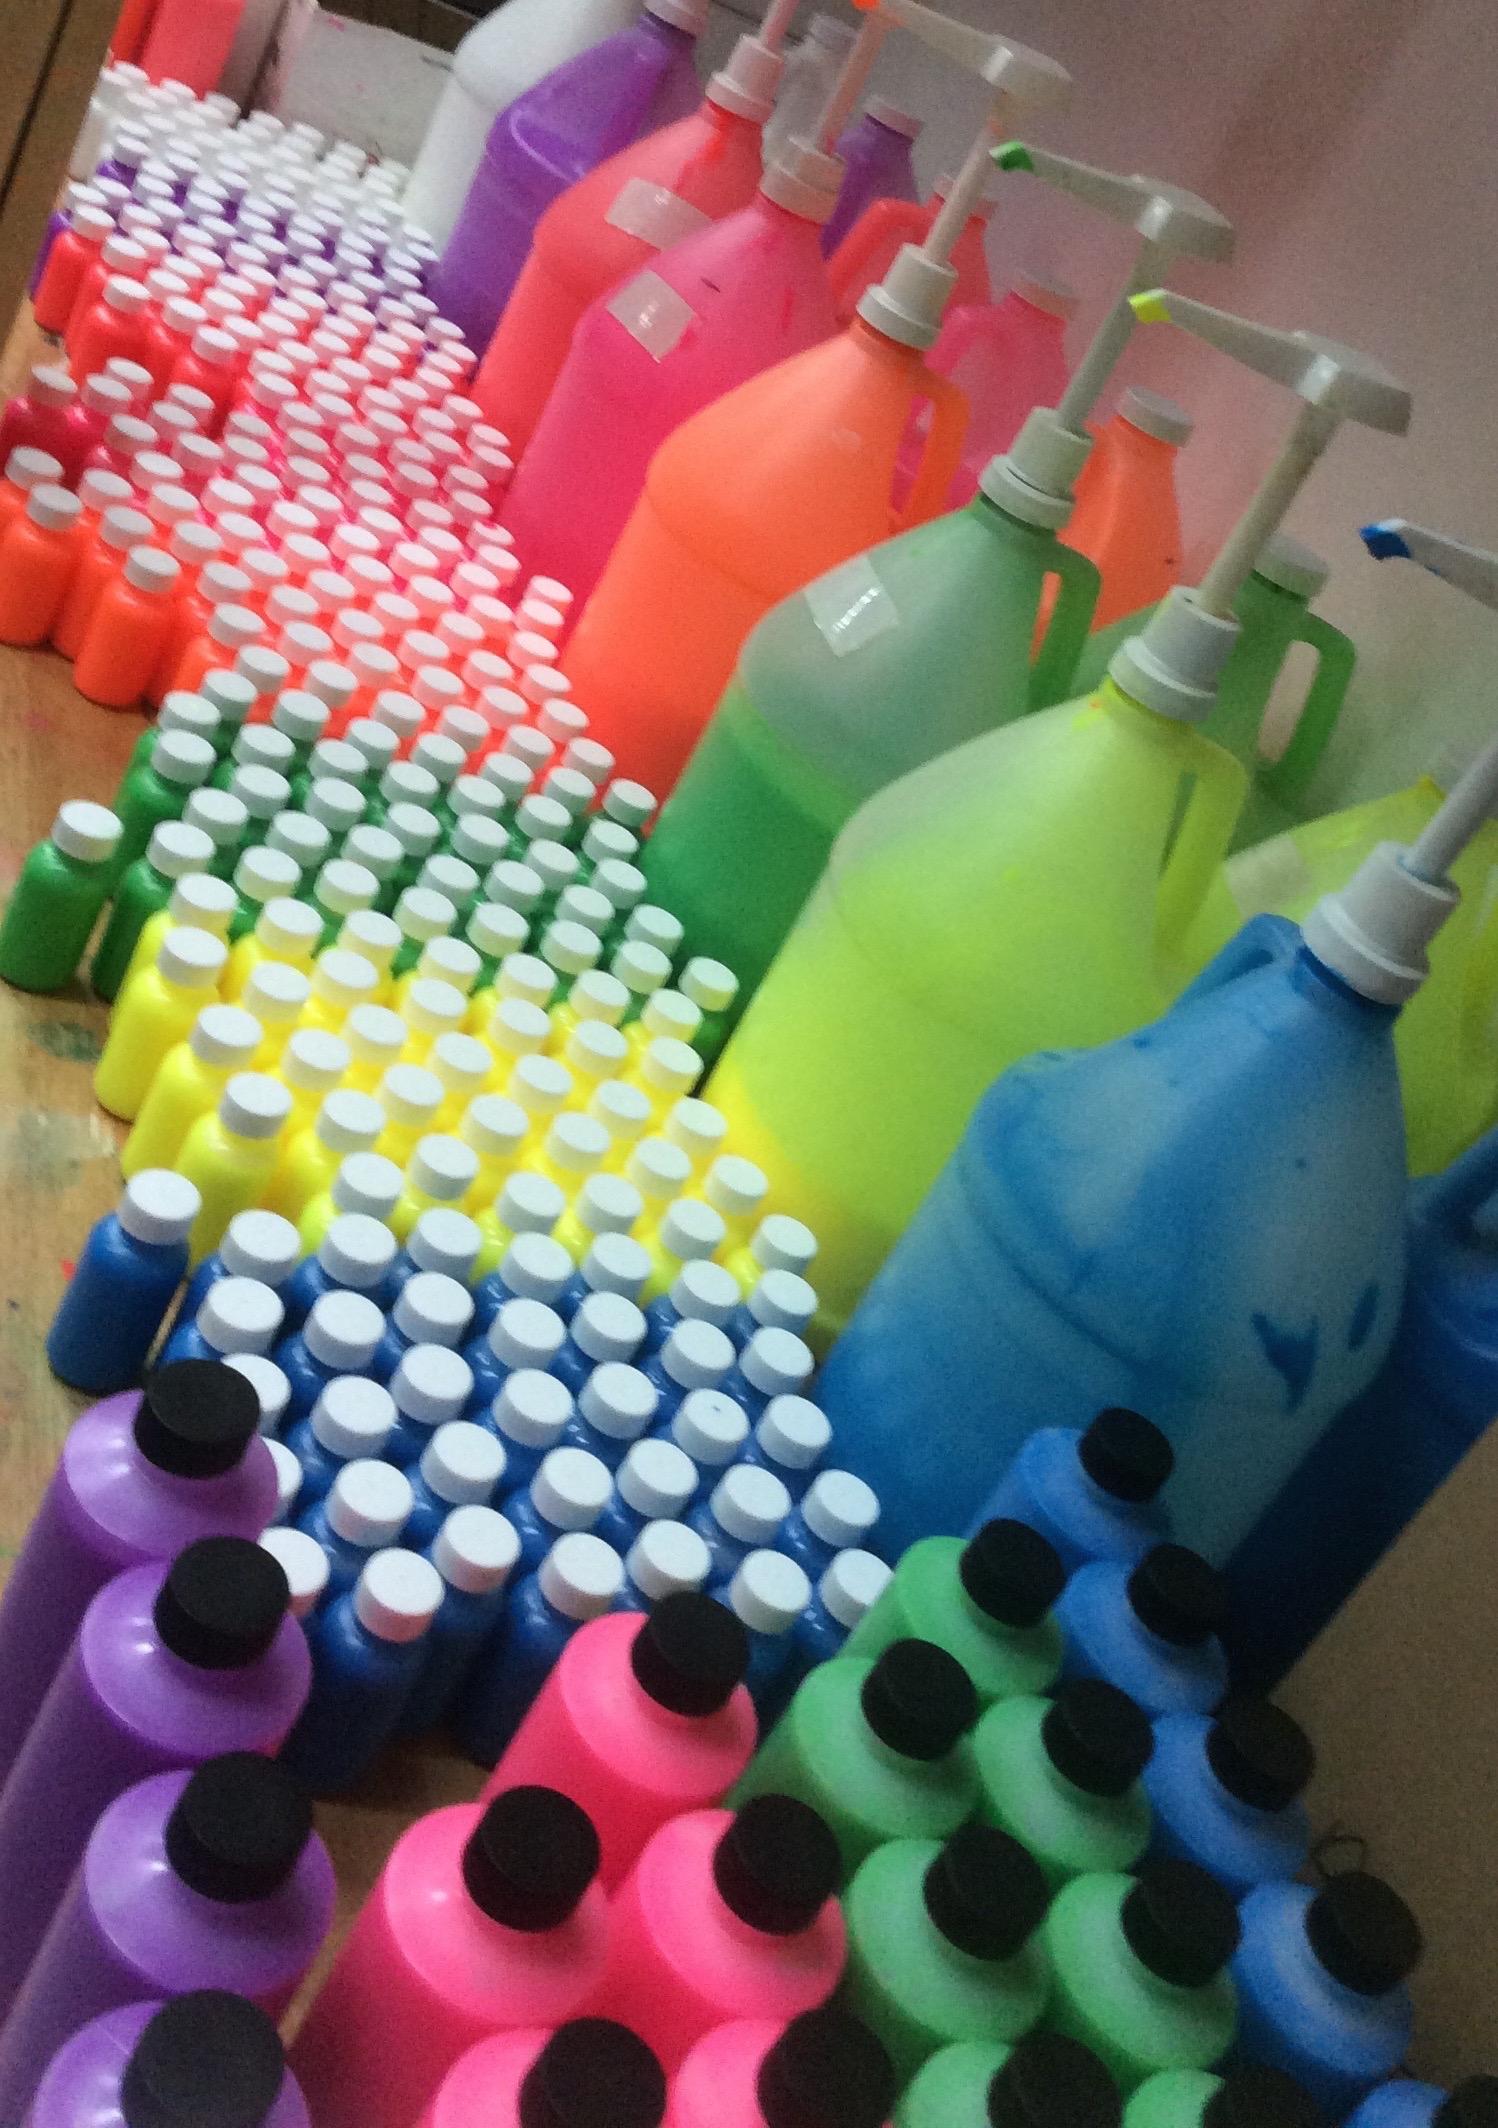 paint-party-glow-uv-paint-bottle.jpg